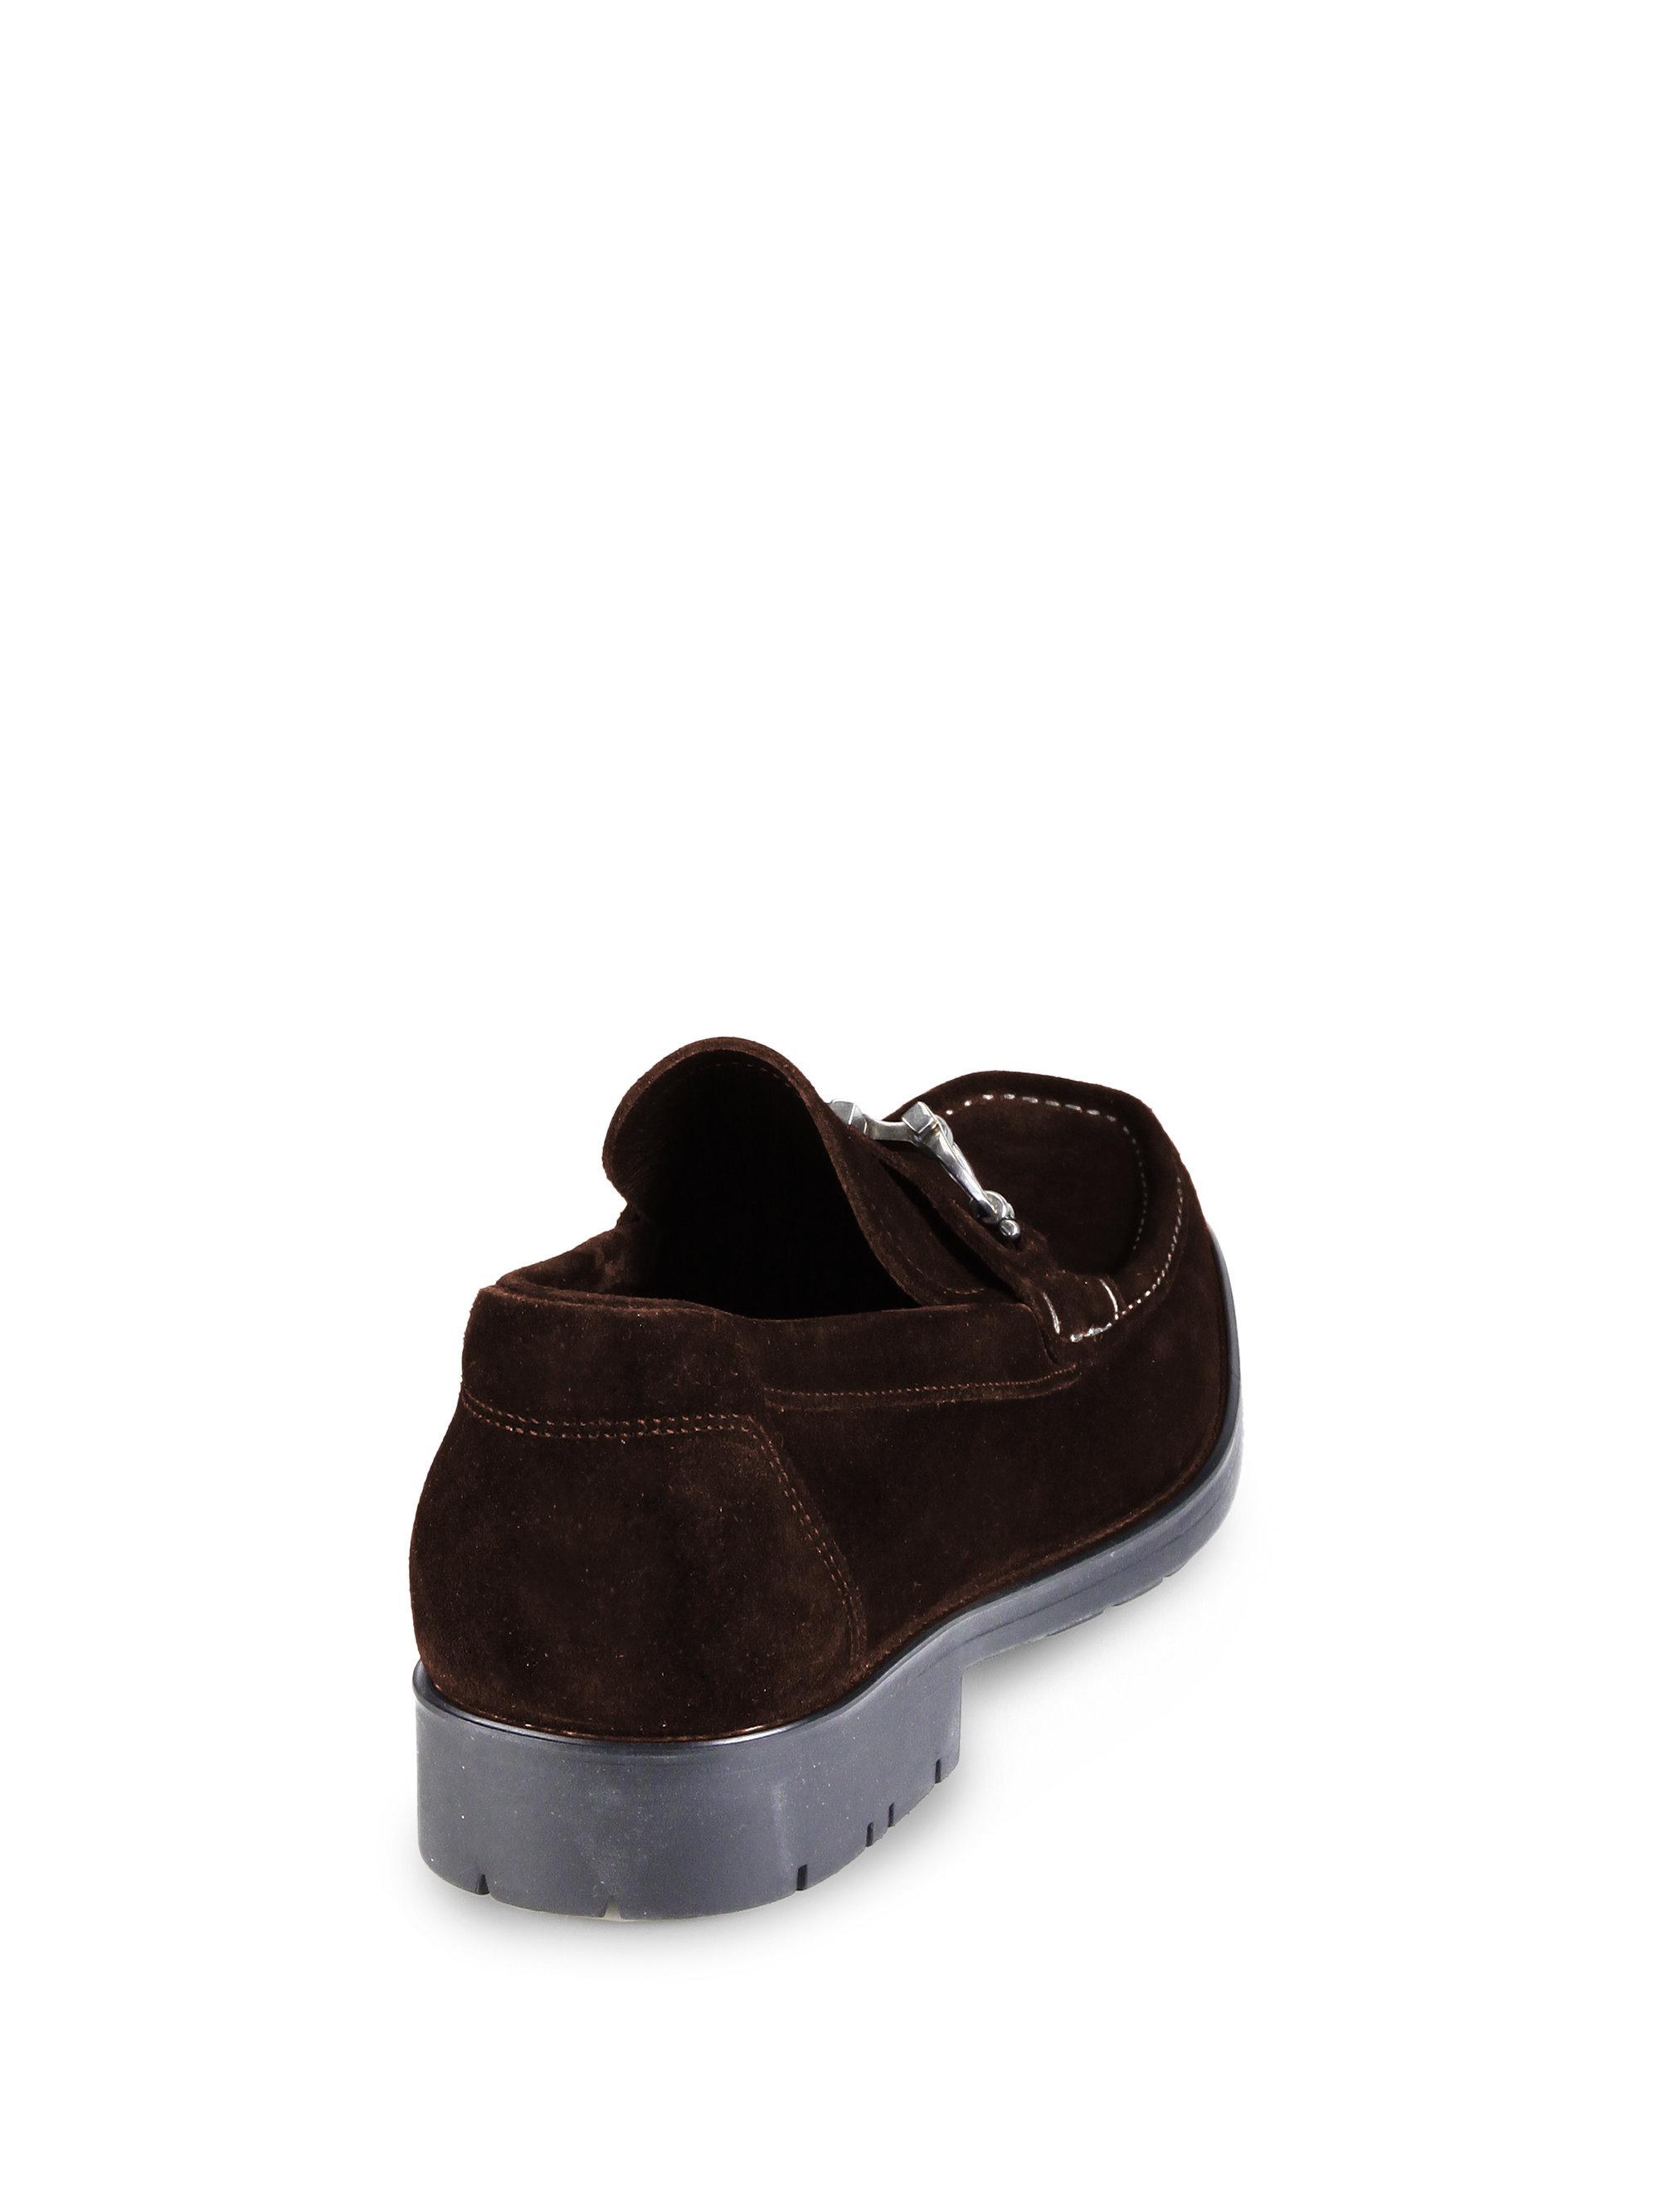 31dbaf7d867 Lyst - Ferragamo Master Suede Loafers in Black for Men